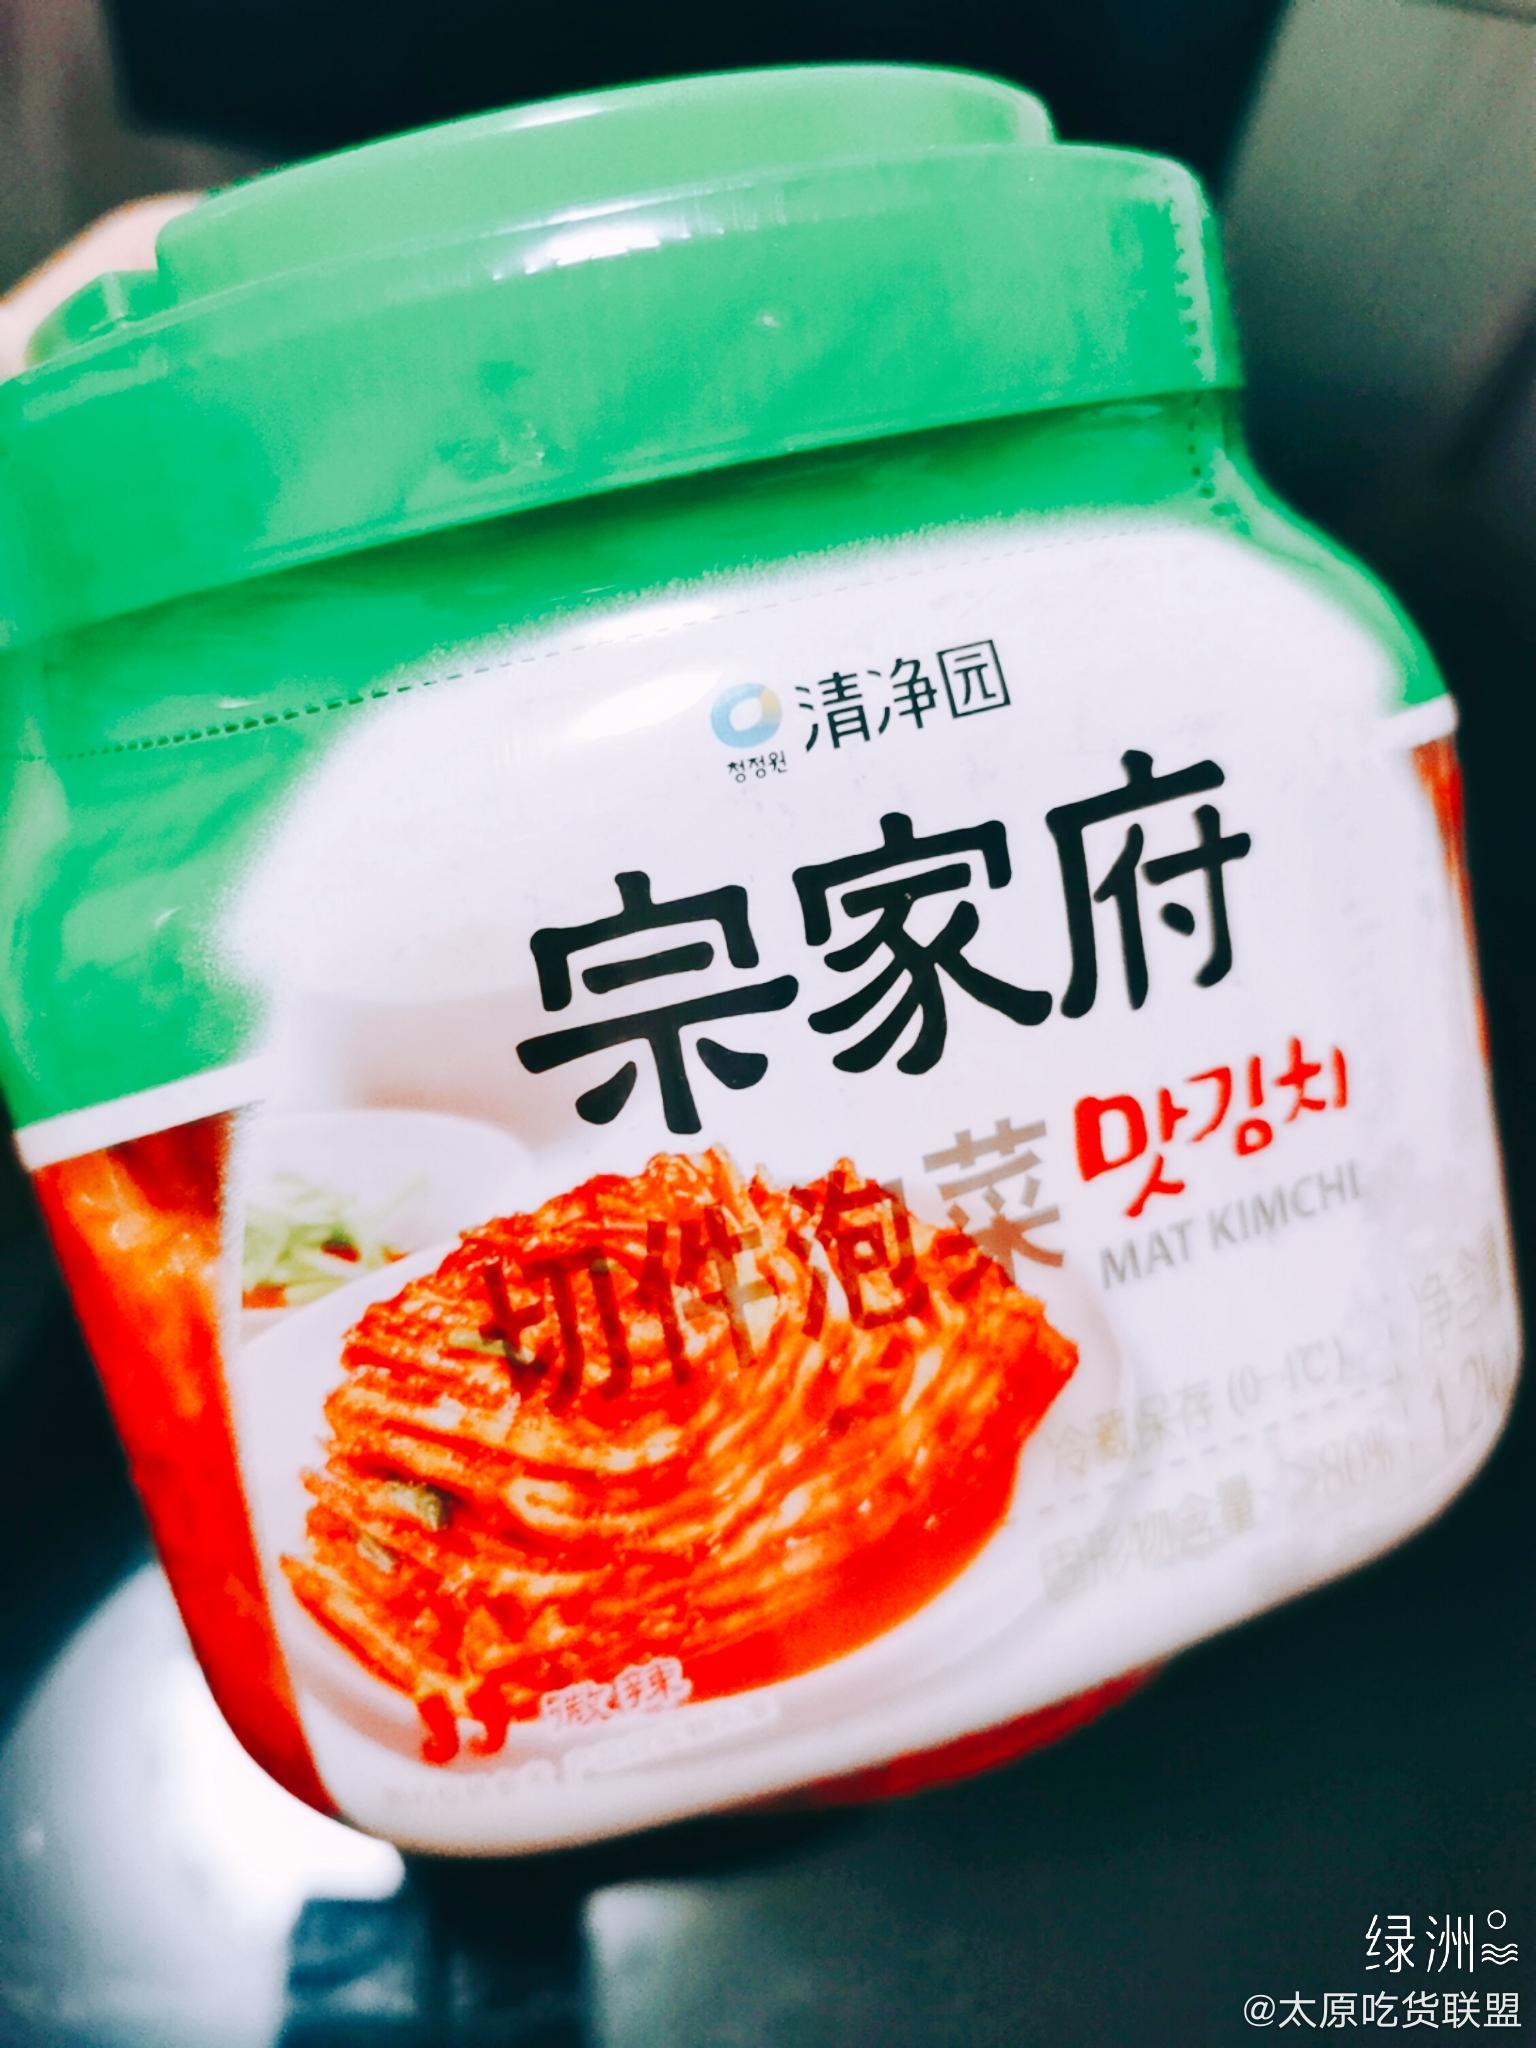 推荐一款好吃的泡菜,看韩剧必备 虽说我家冰箱已经全是泡菜味道